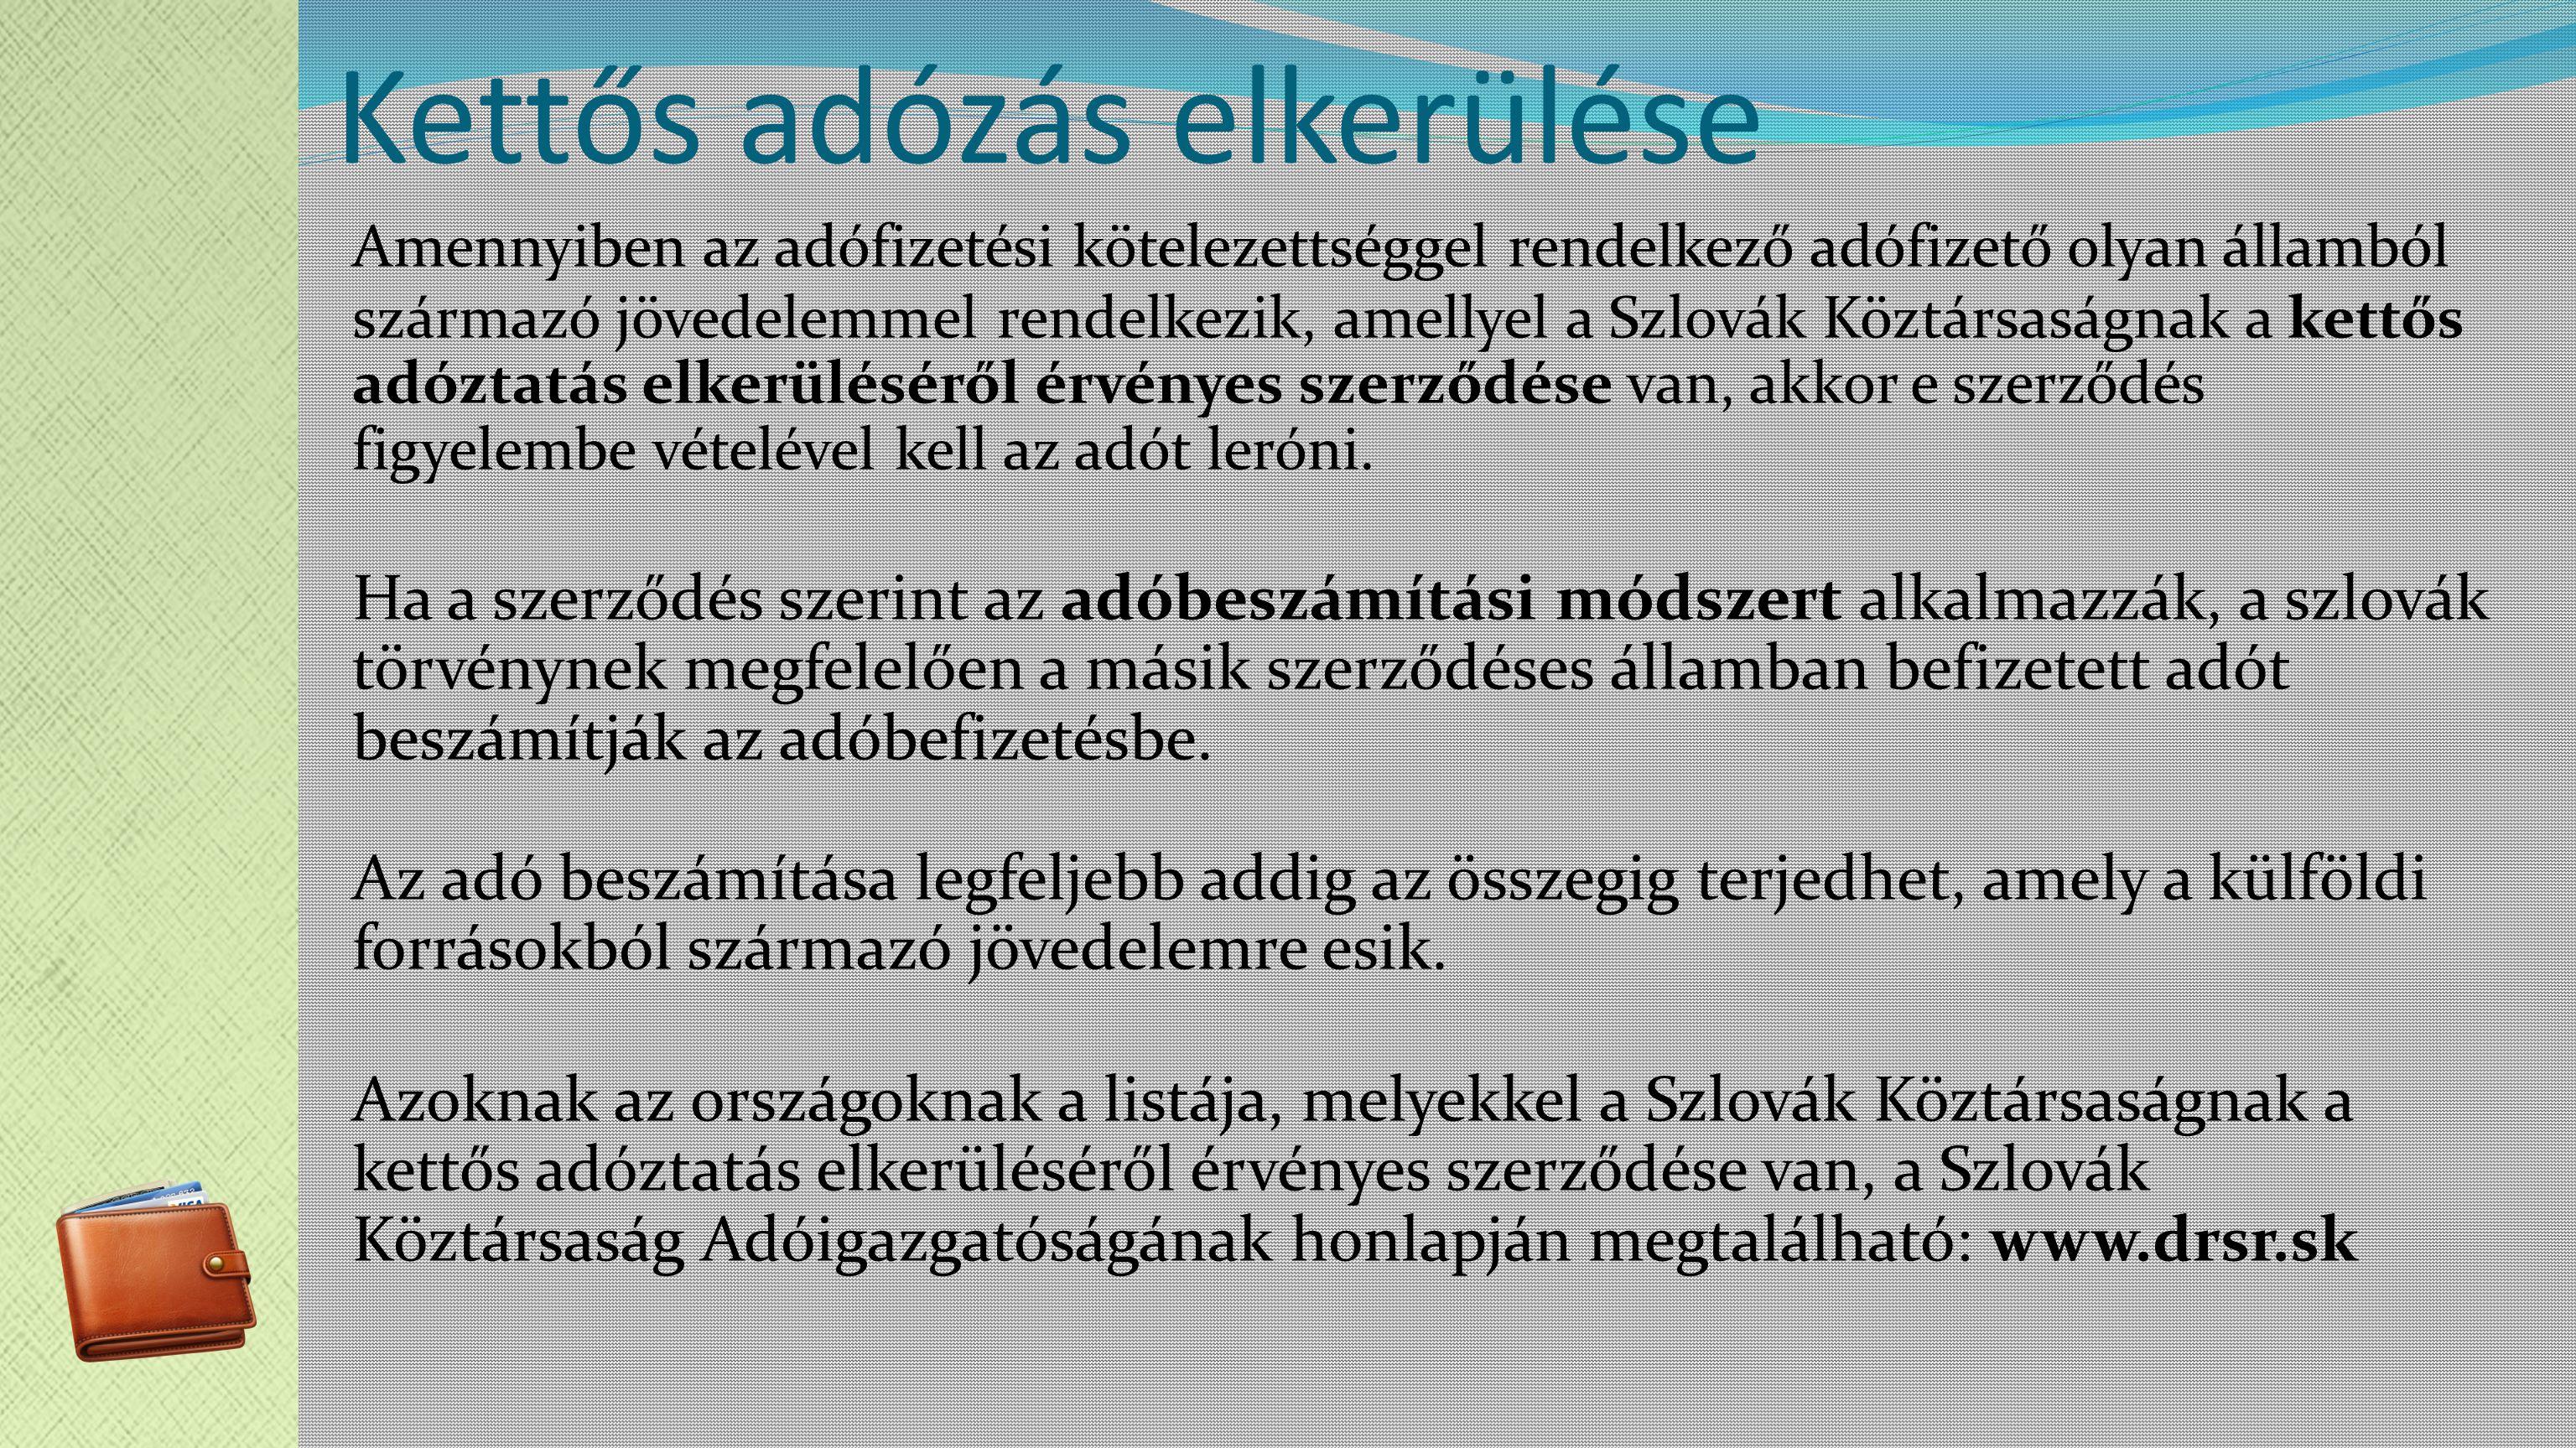 Kettős adózás elkerülése Amennyiben az adófizetési kötelezettséggel rendelkező adófizető olyan államból származó jövedelemmel rendelkezik, amellyel a Szlovák Köztársaságnak a kettős adóztatás elkerüléséről érvényes szerződése van, akkor e szerződés figyelembe vételével kell az adót leróni.